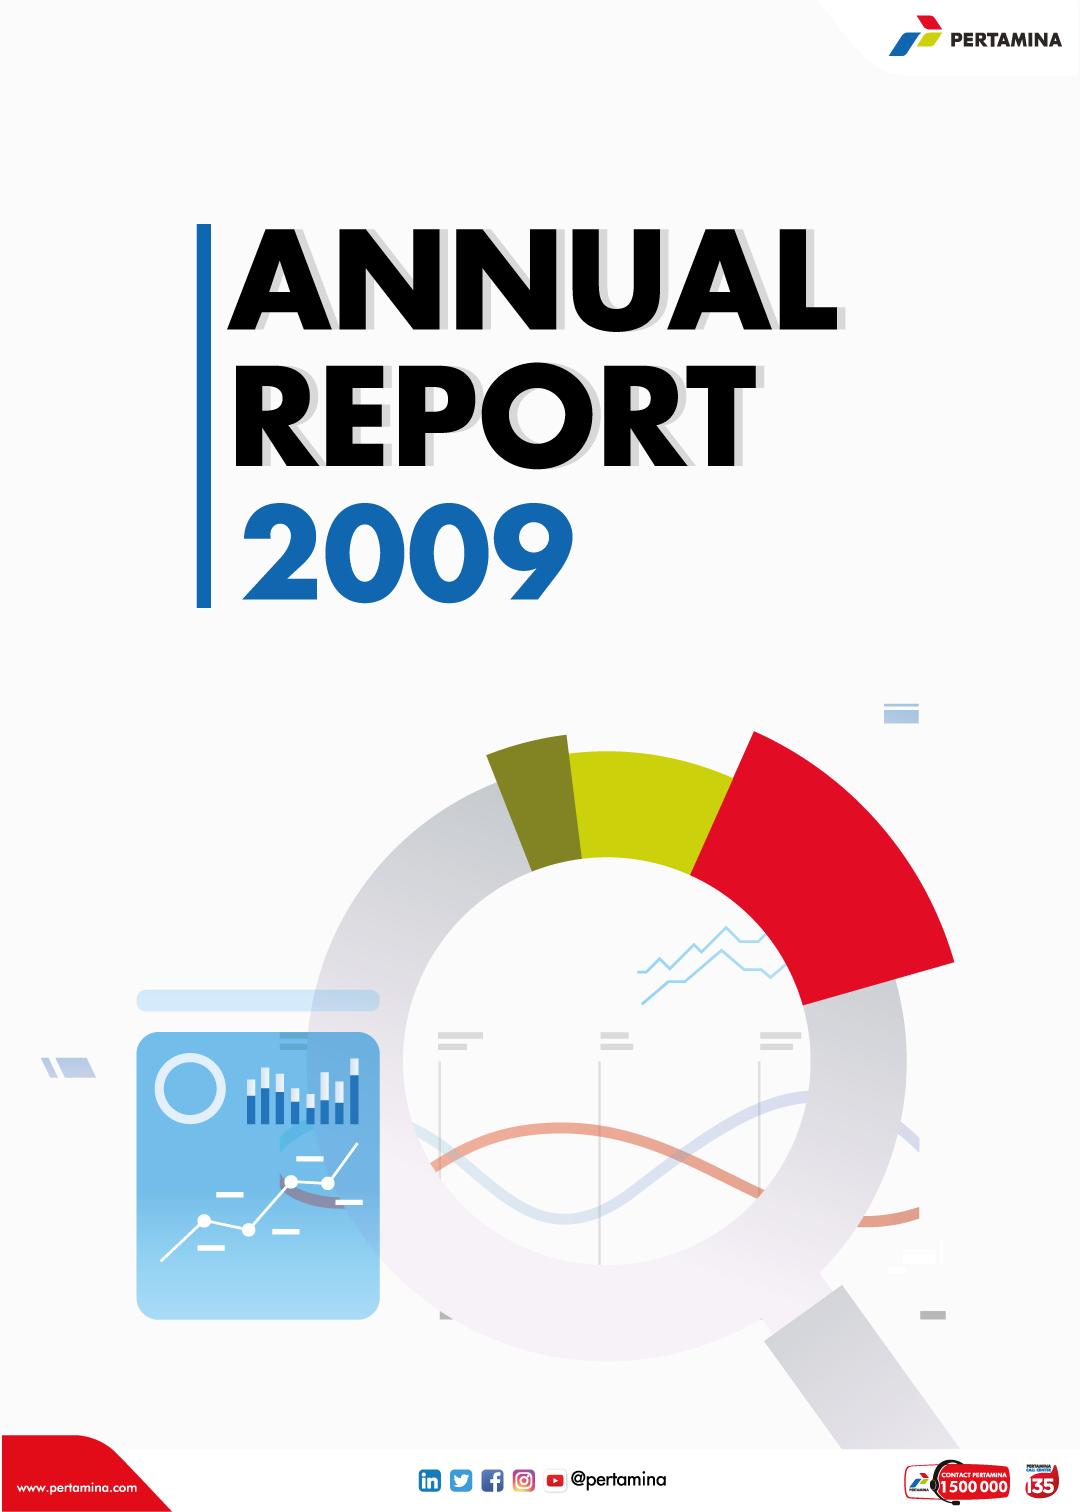 Annual Report Pertamina 2009